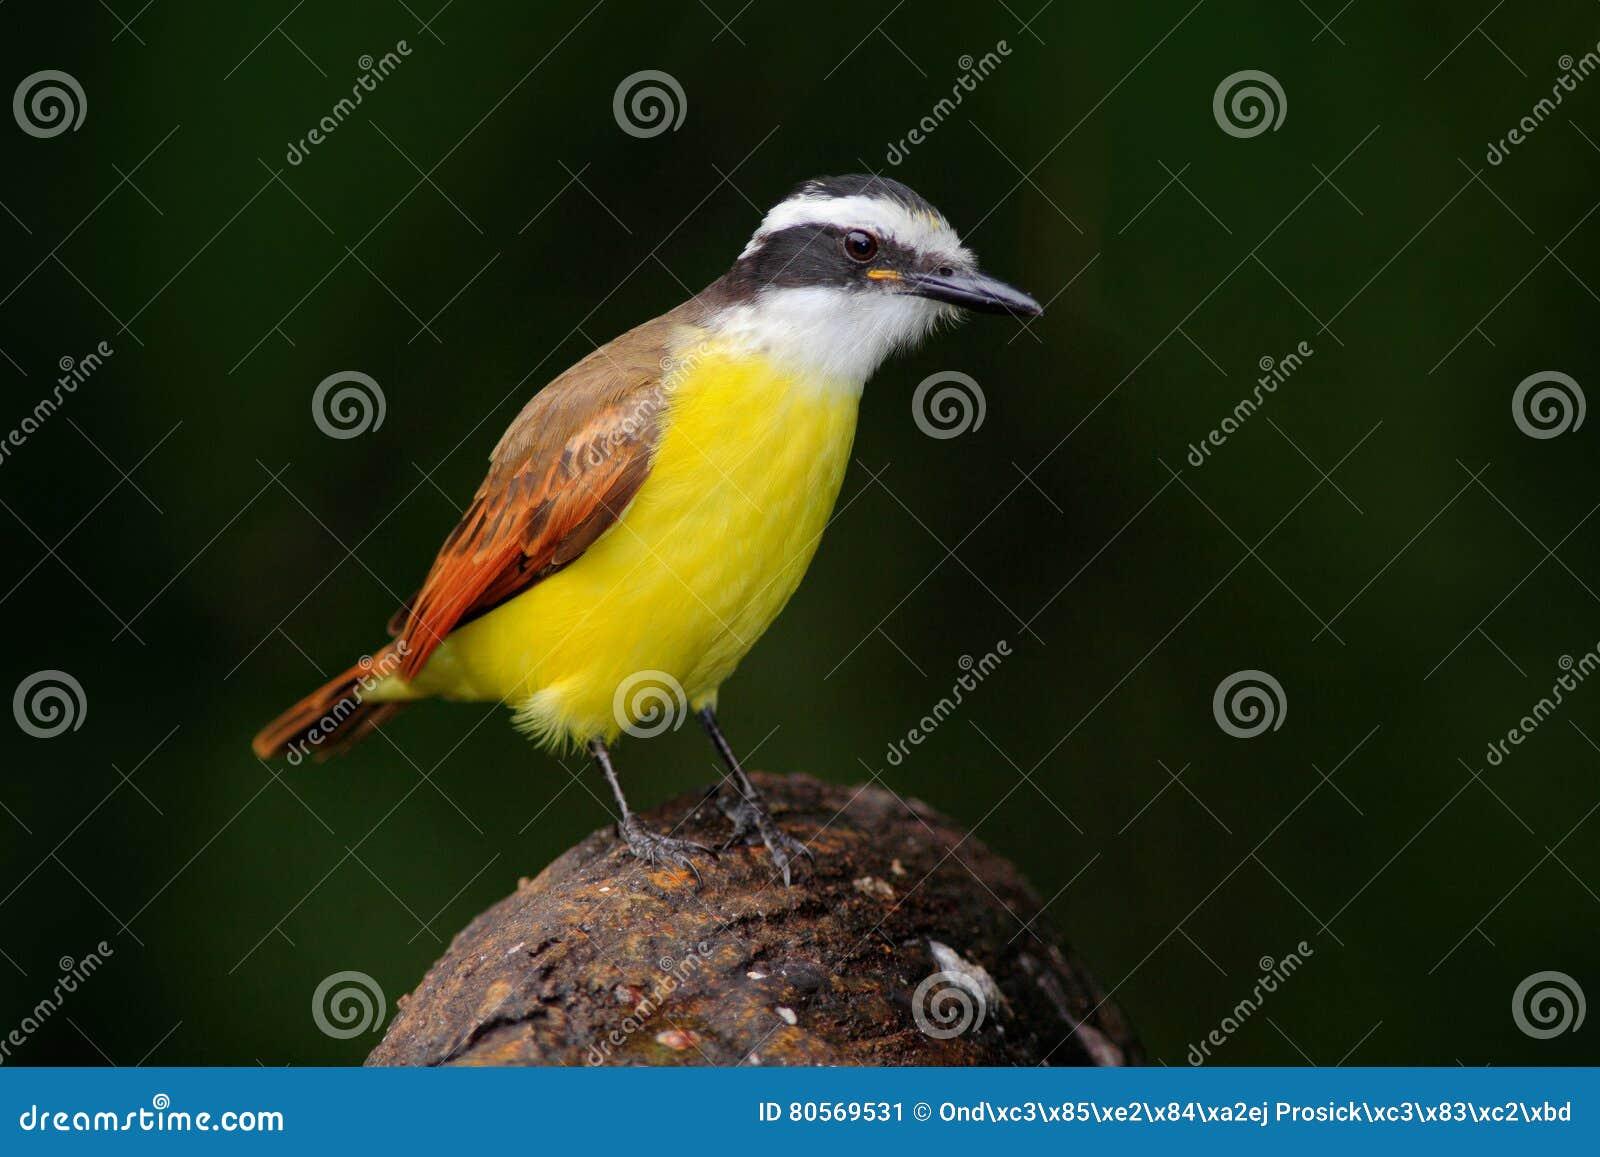 grote kiskadee pitangus sulphuratus vogel van costa rica exotische tropische gele tanager met. Black Bedroom Furniture Sets. Home Design Ideas